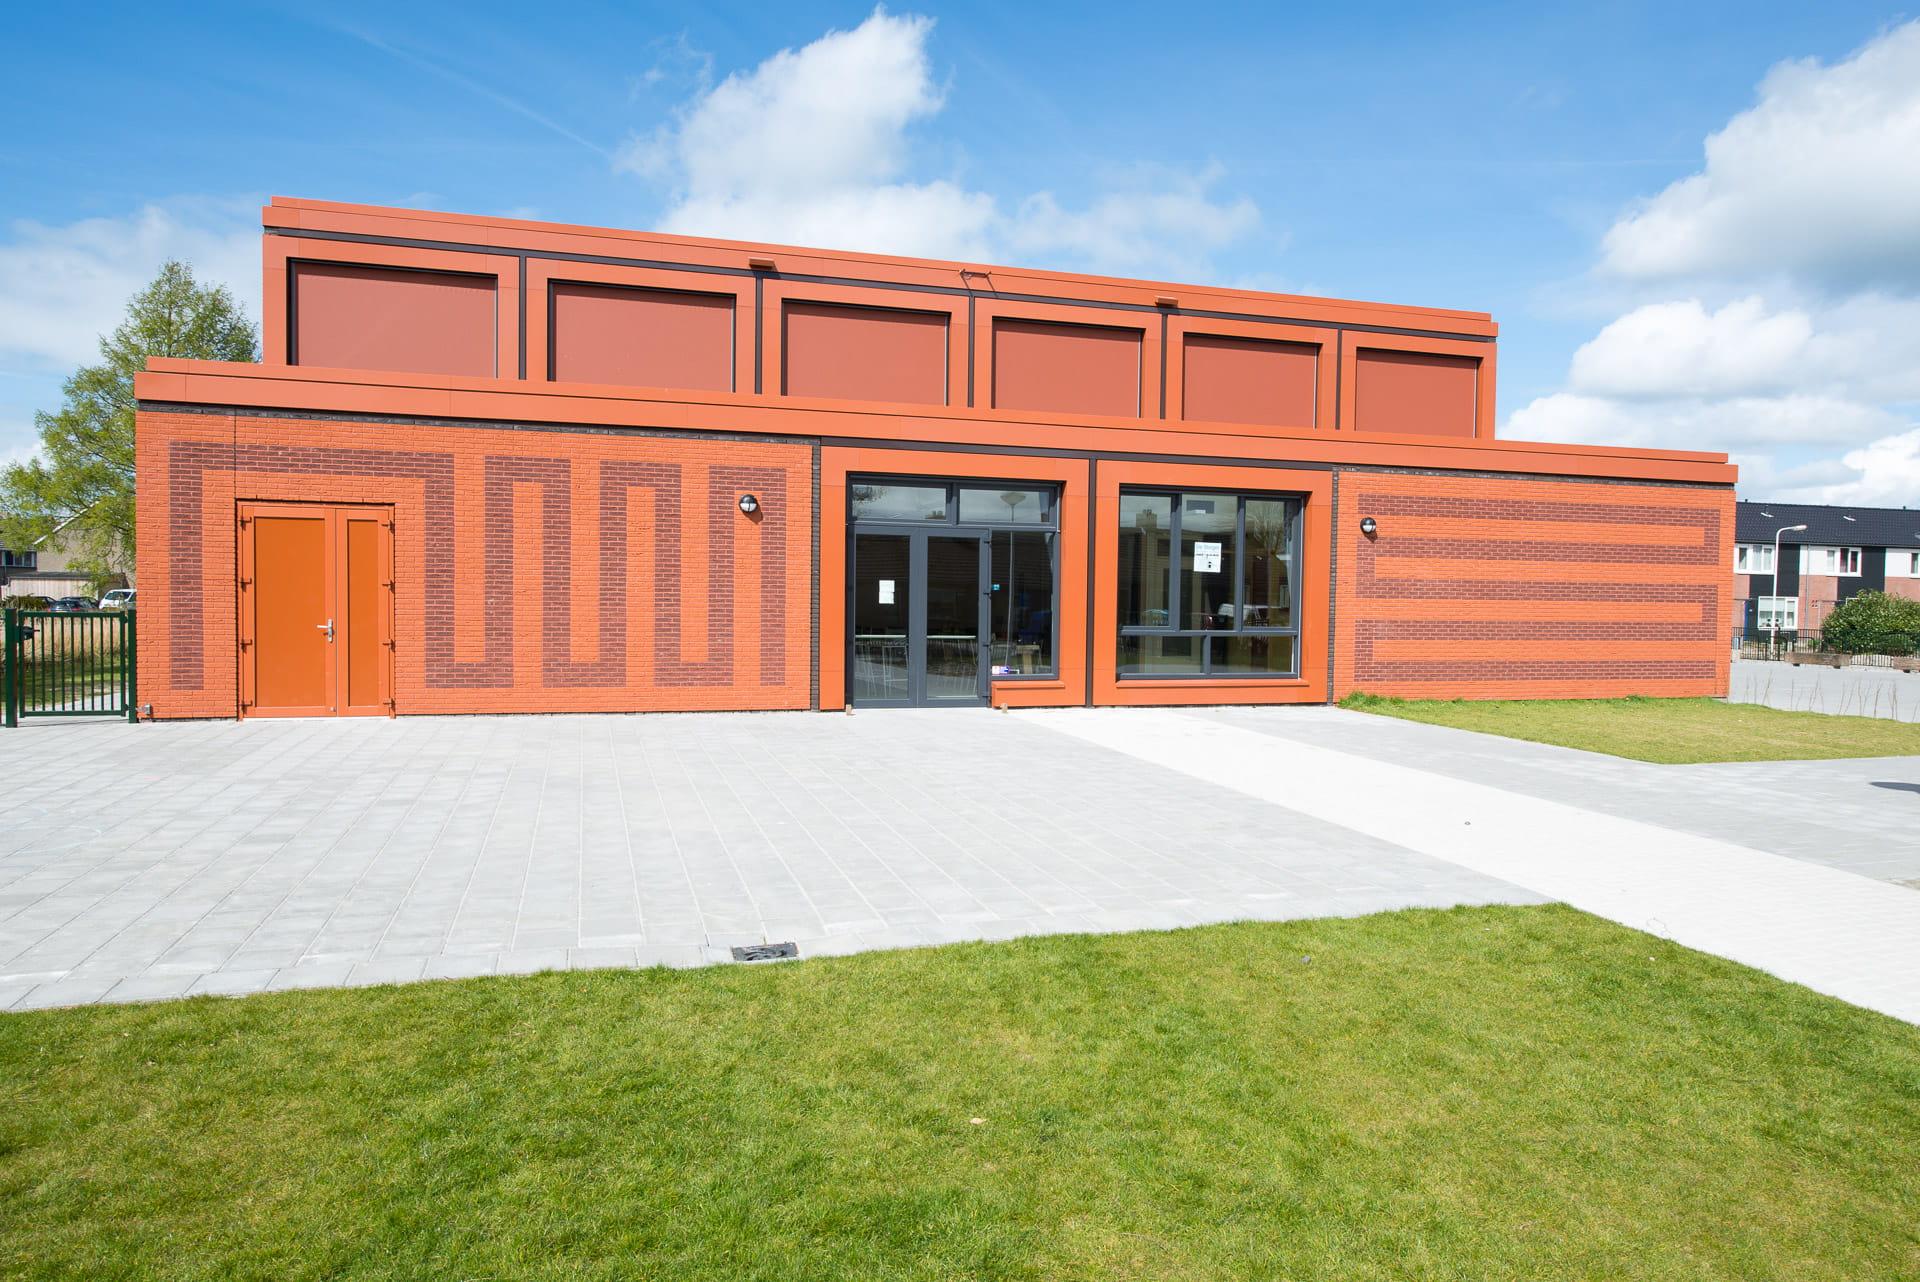 Nieuwbouw MFA Lemstervaart met rode steen en rode voeg met vlakken ind e gevel